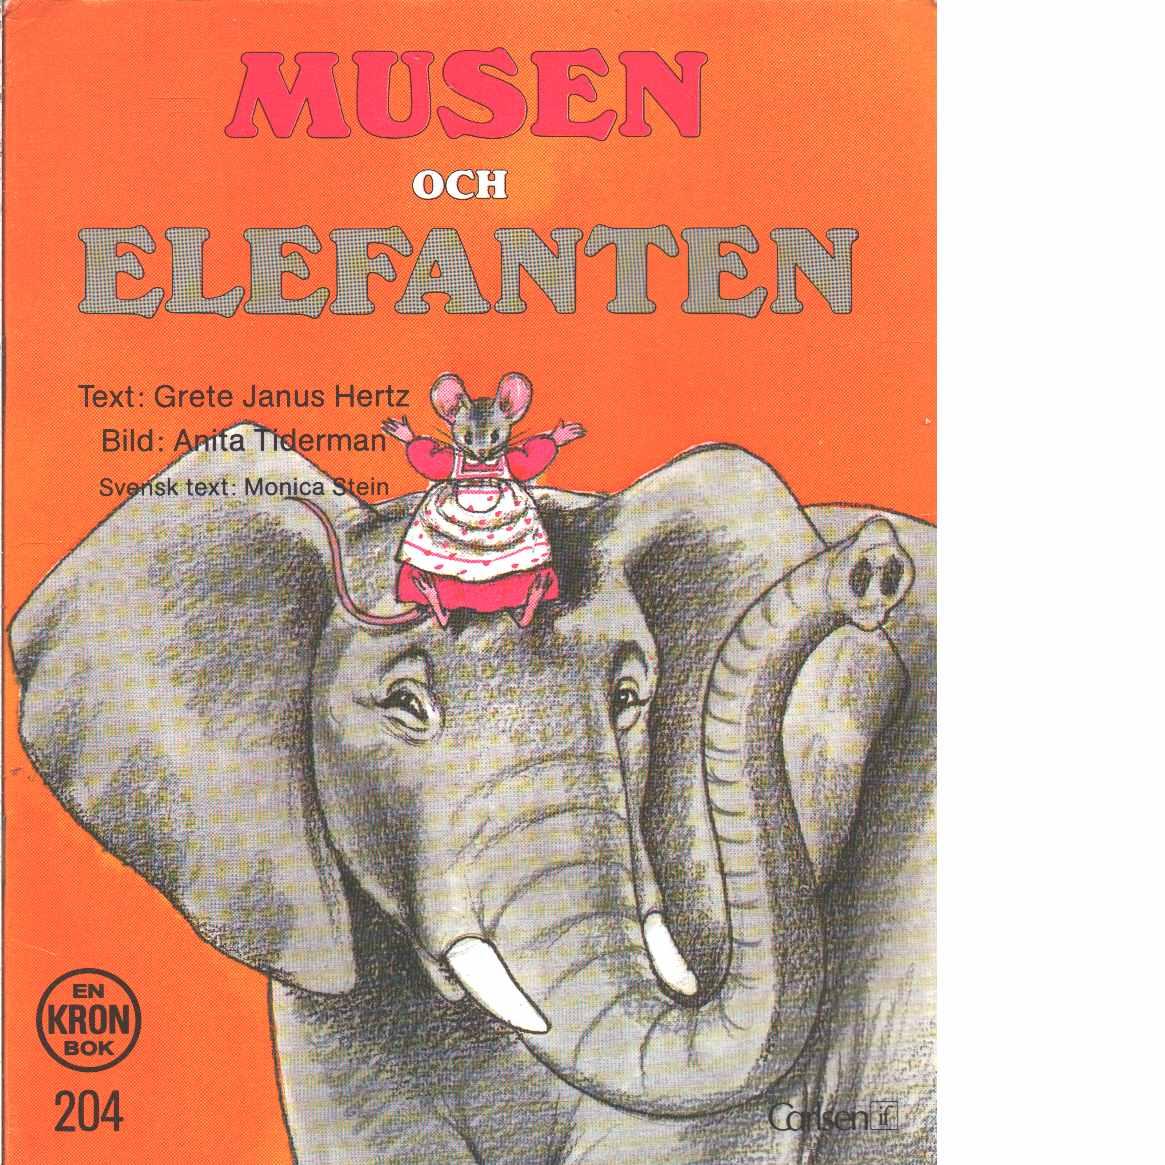 Musen och elefanten - Janus Hertz, Grete och Tiderman, Anita